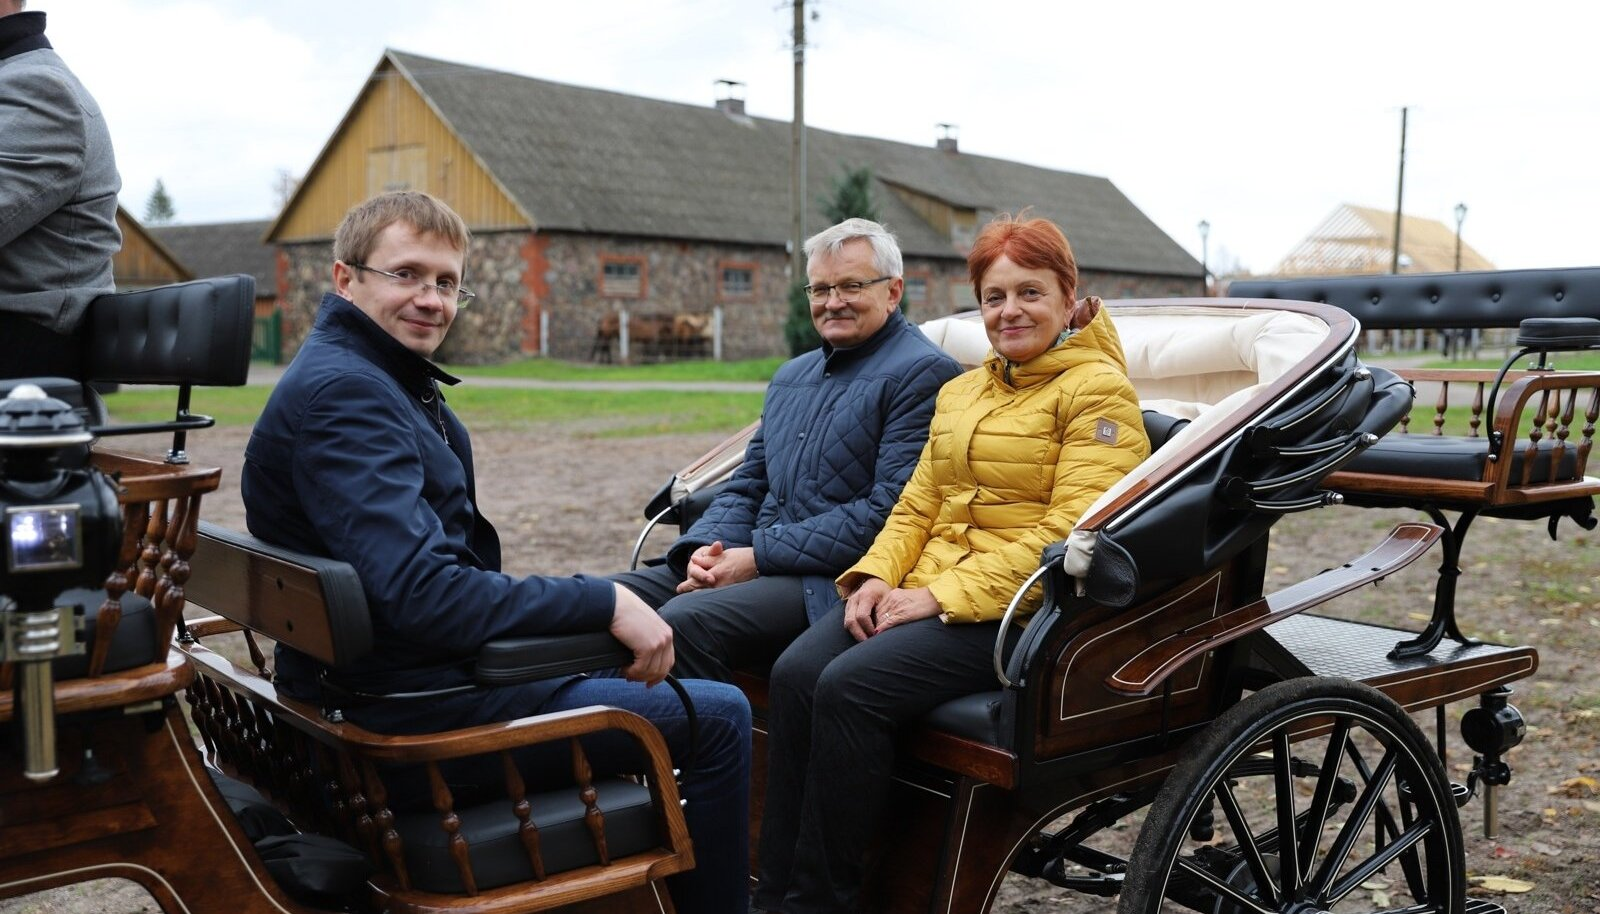 Marko Gorban, Tarmo Tamm ja Merli Sild kogemas maaelu Tori hobusekasvatuse näitel.